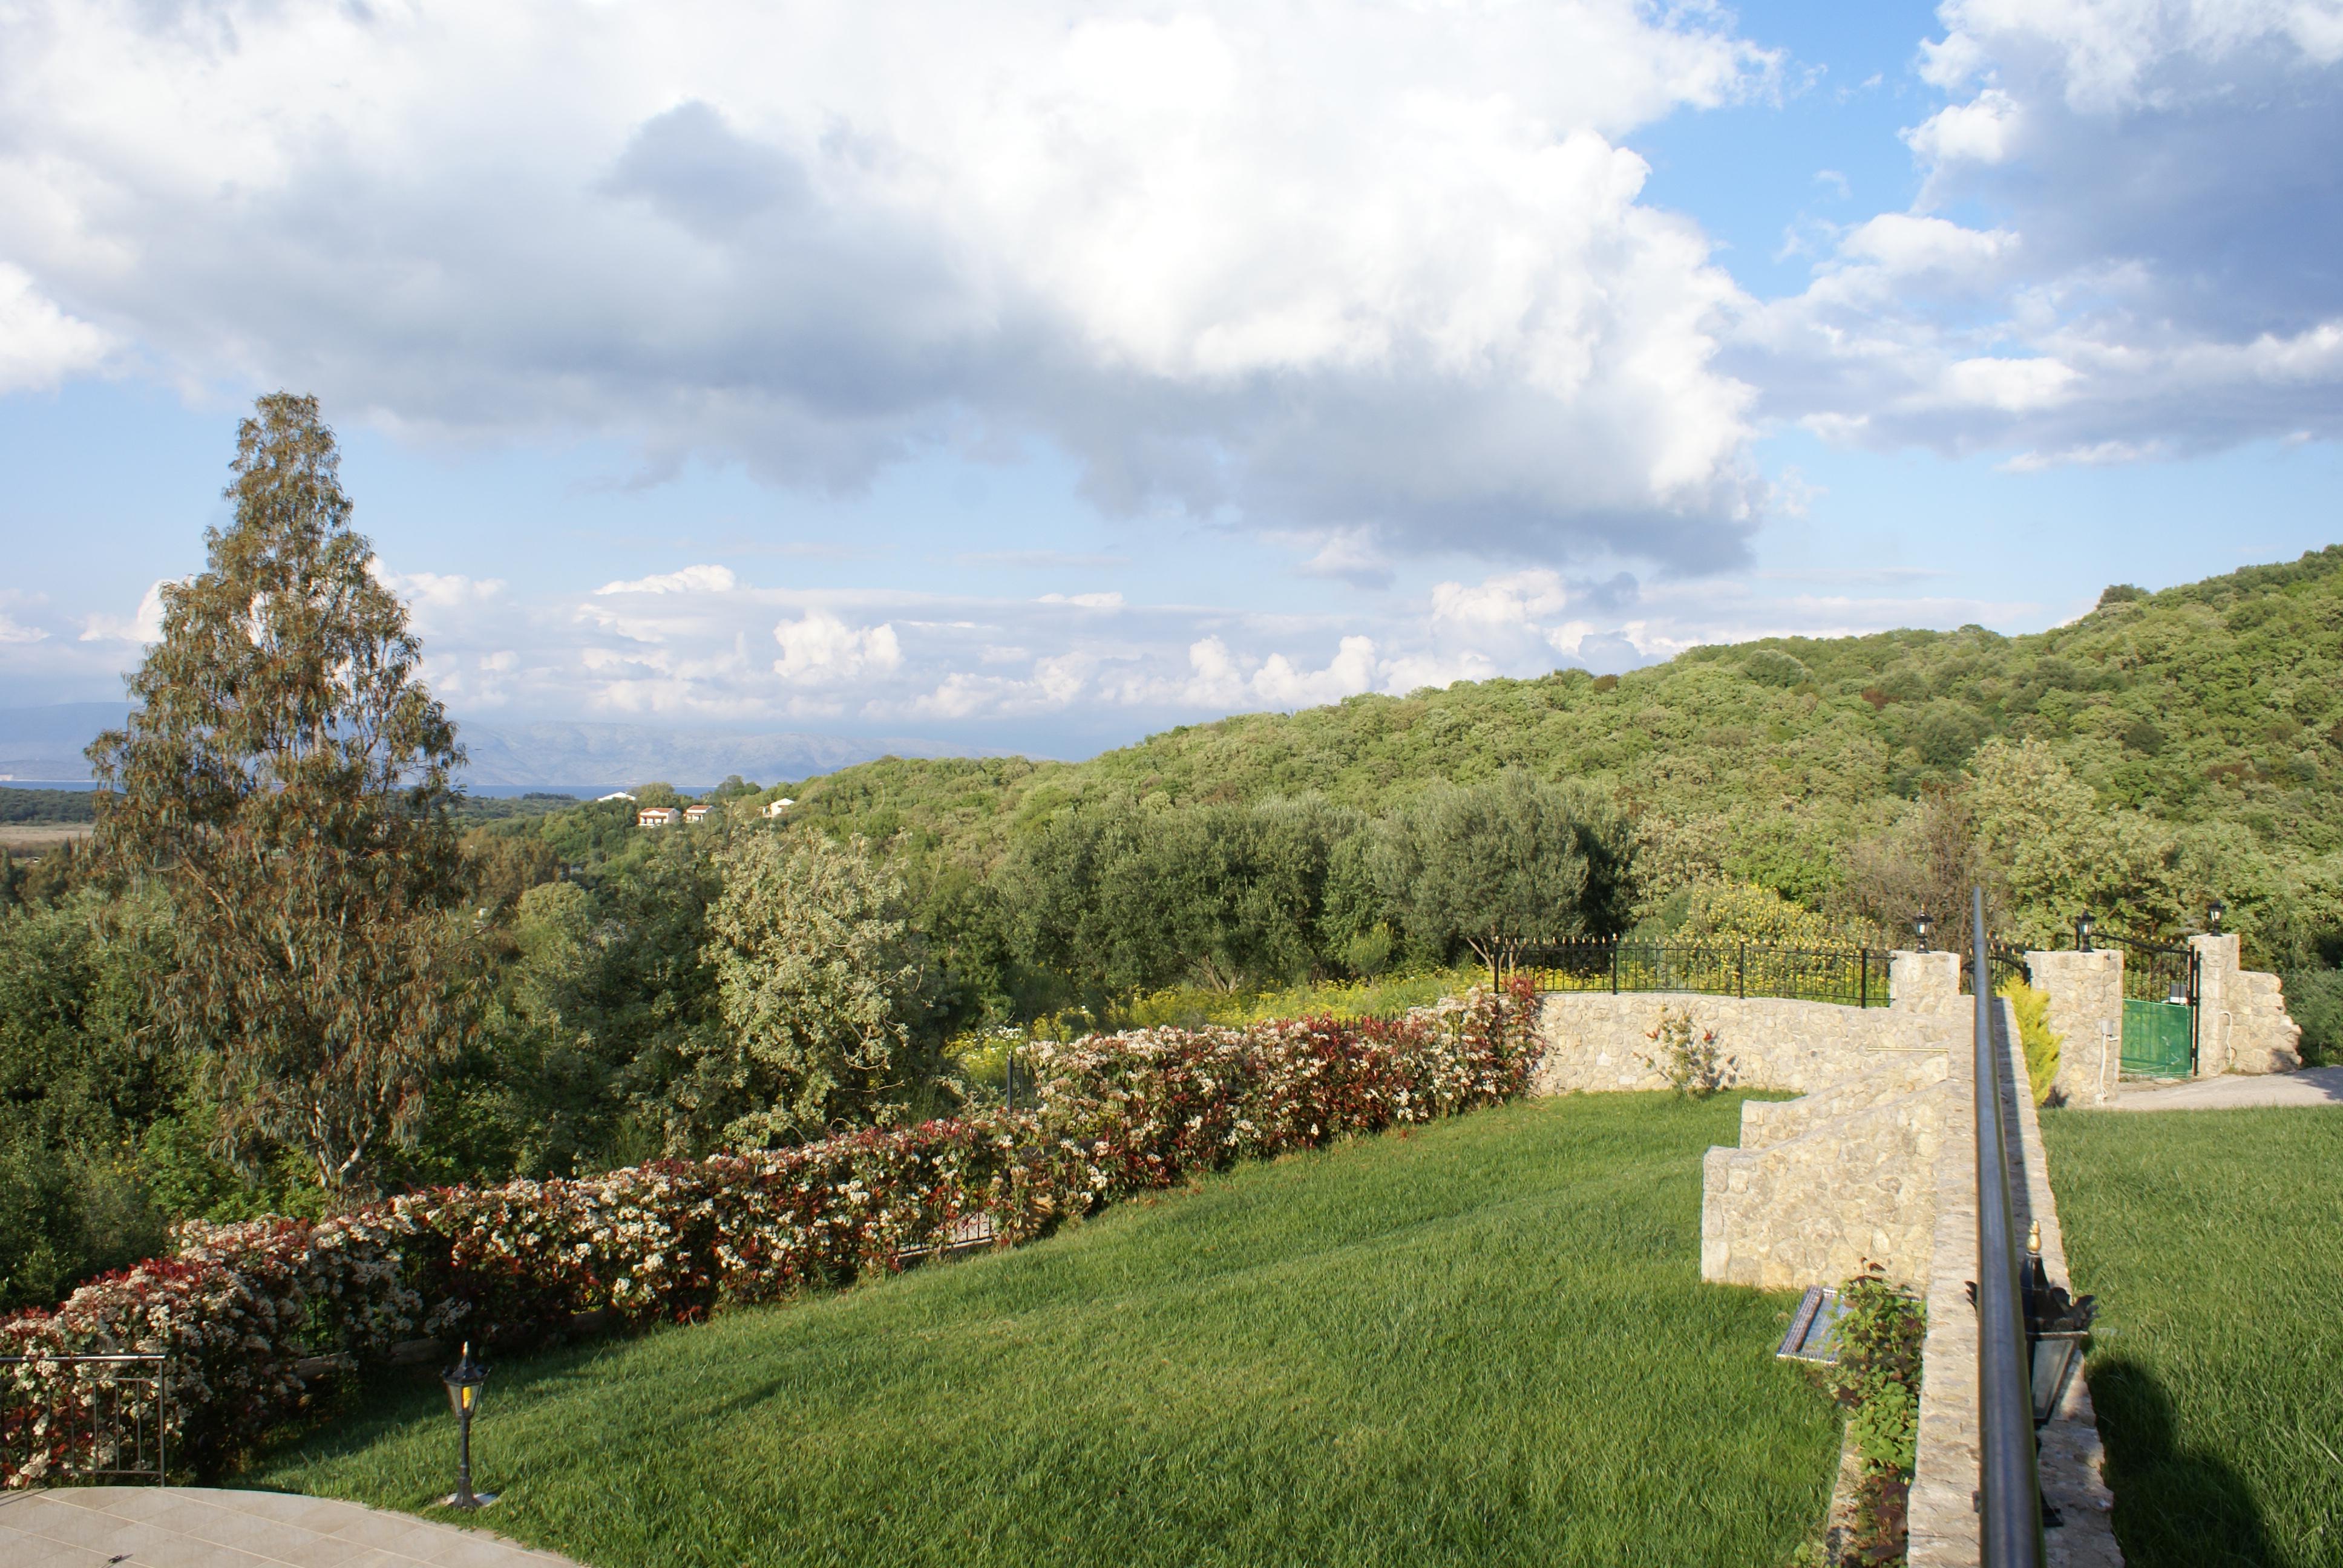 Garten 2 - Korfu Villa Mare e Monti, Almiros, KorfuCorfu.de